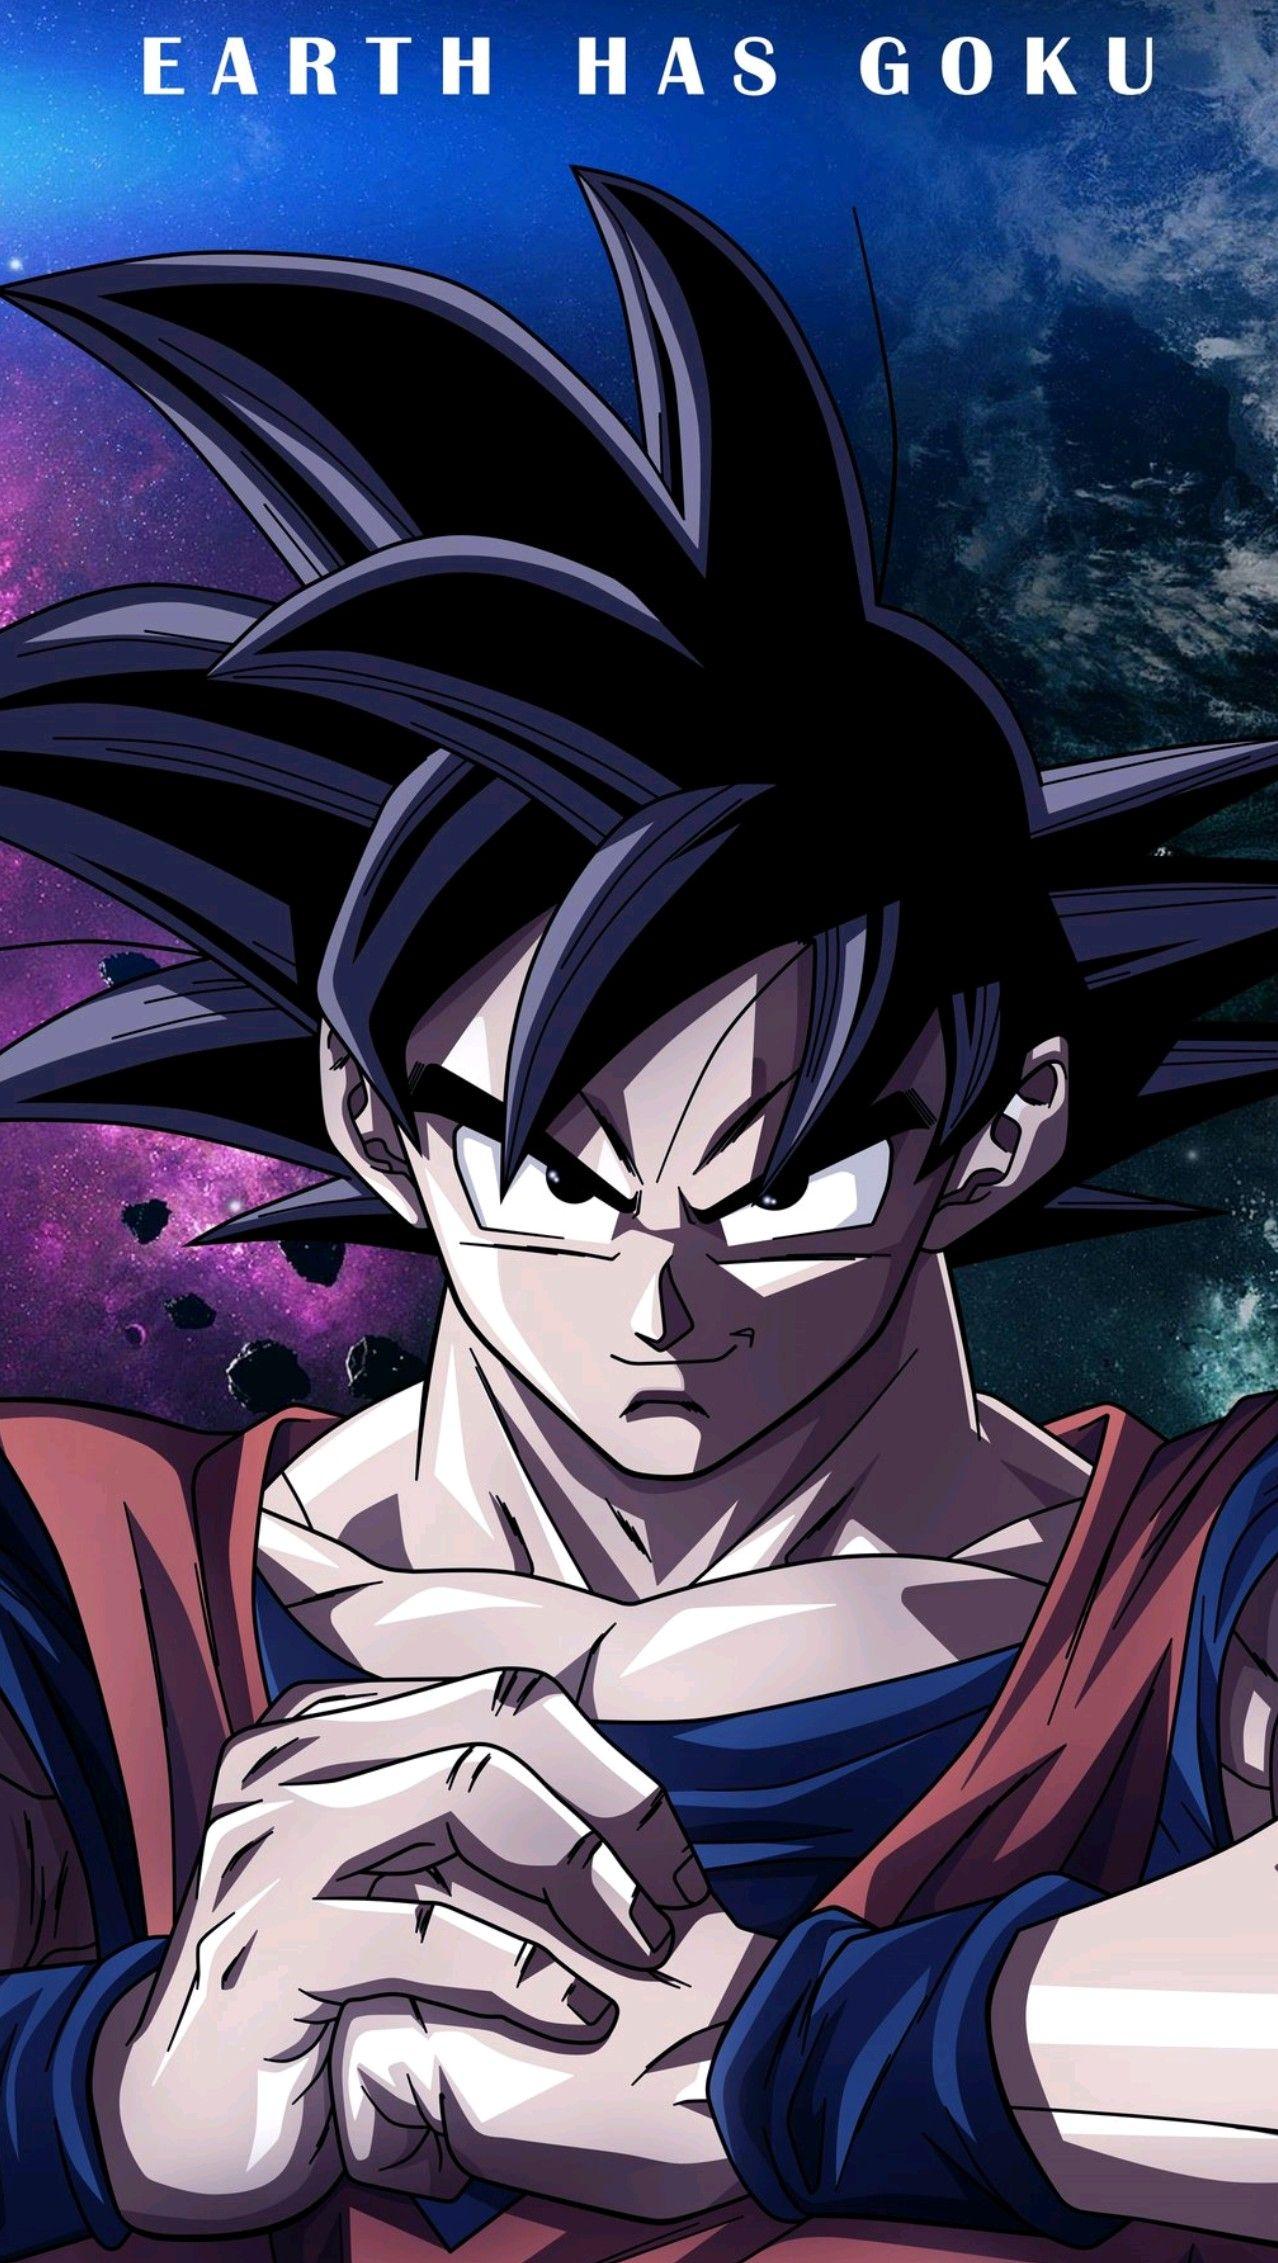 Goku Dragon Ball Z Anime Dragon Ball Super Dragon Ball Goku Anime Dragon Ball